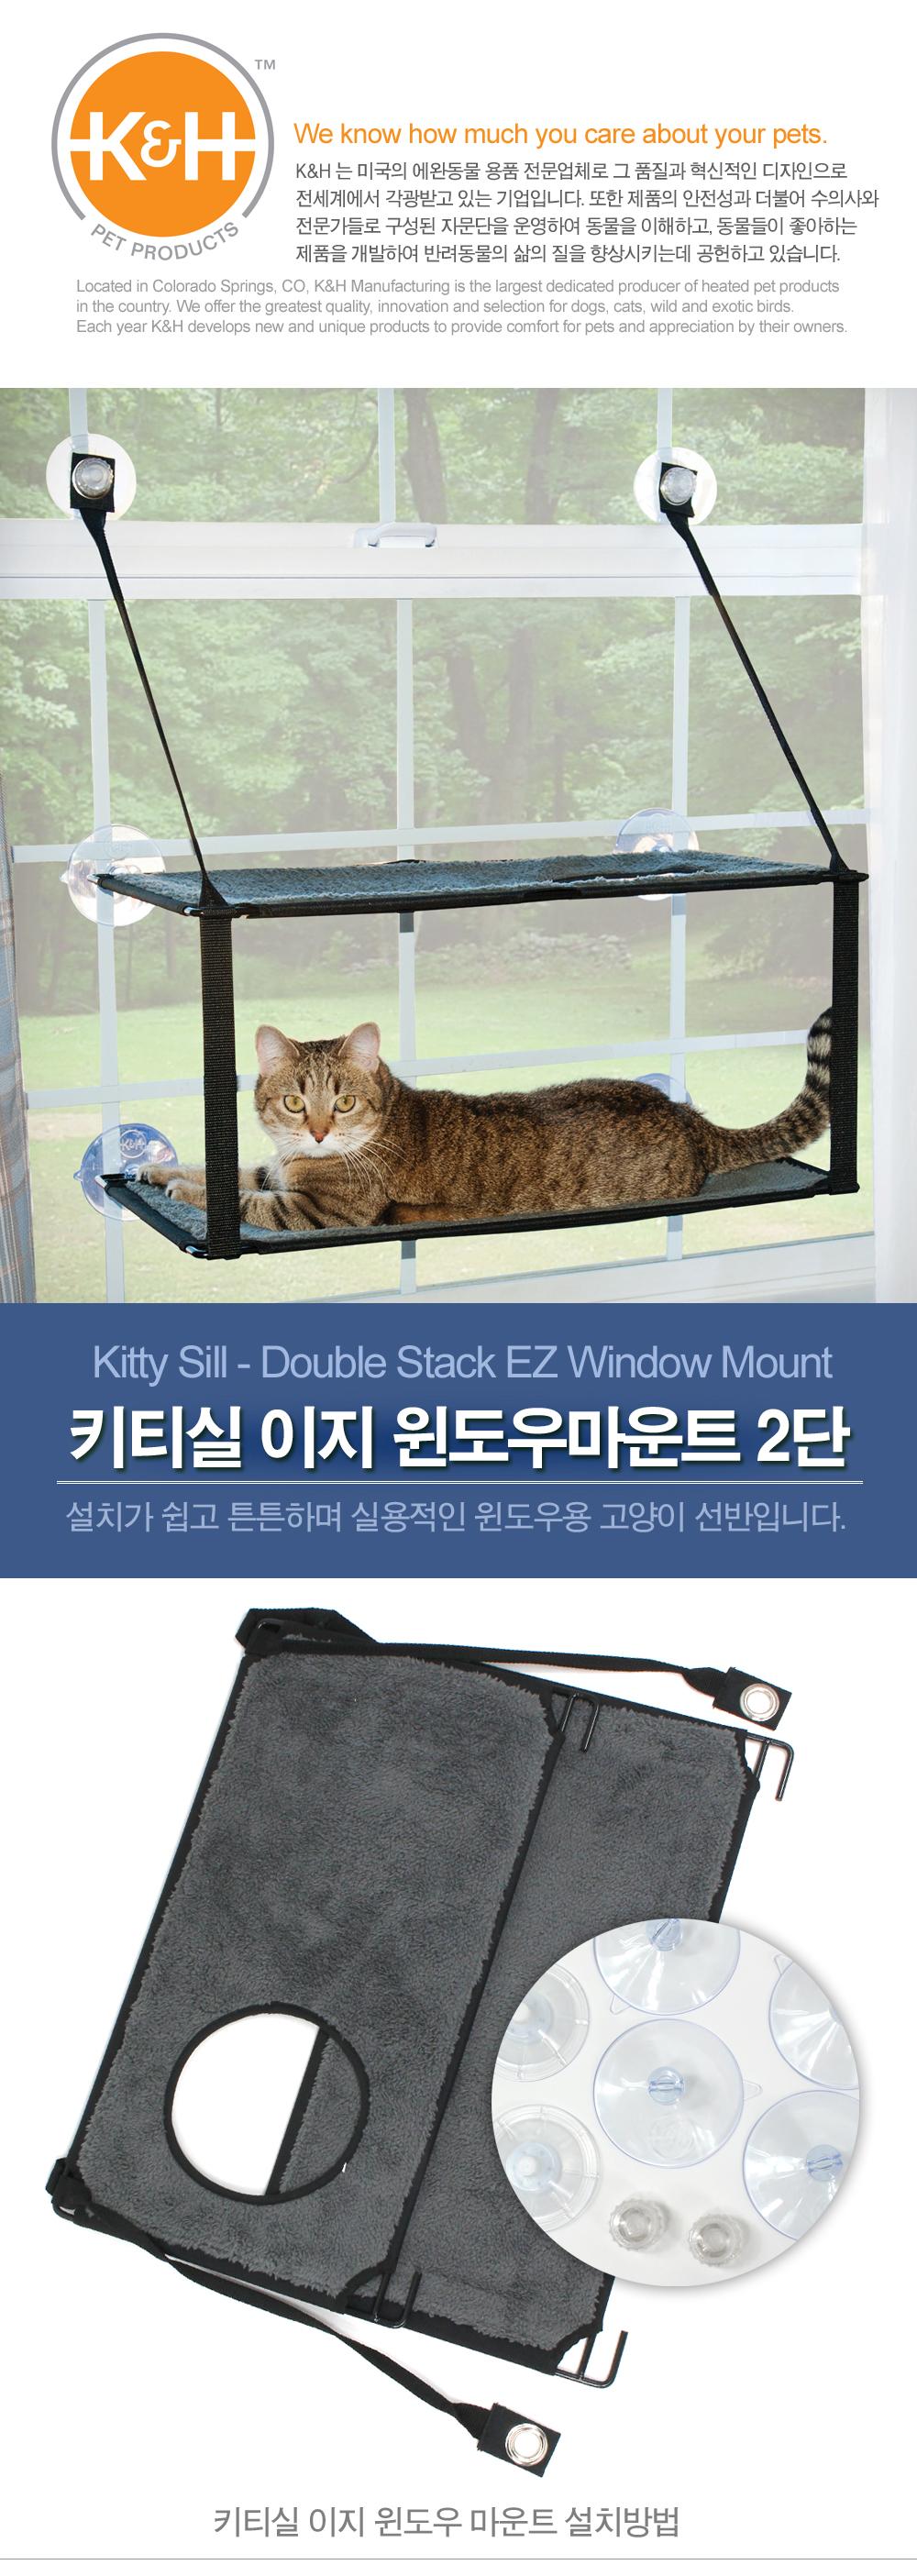 고양이선반 키티실 이지 윈도우마운트 2단 - 펫라이프, 41,850원, 침대/해먹, 해먹